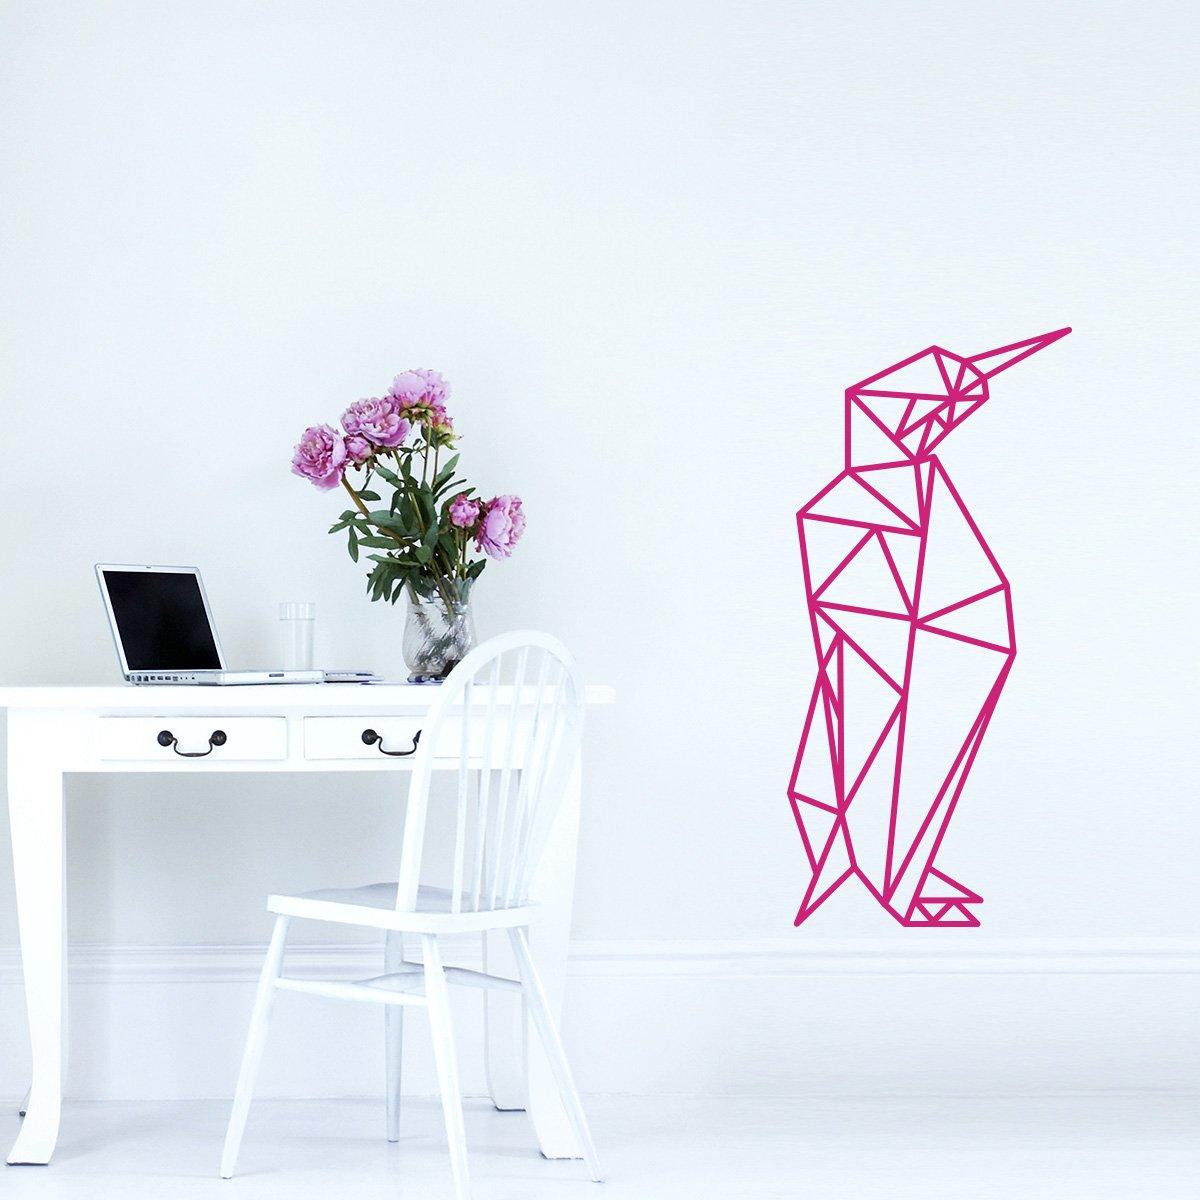 WANDKINGS Wandtattoo - Origami-Style Pinguin - 52 x 110 110 110 cm - HellRosa - Wähle aus 5 Größen & 35 Farben B07BS26N8Q Wandsticker & Wandfiguren 4a5a85